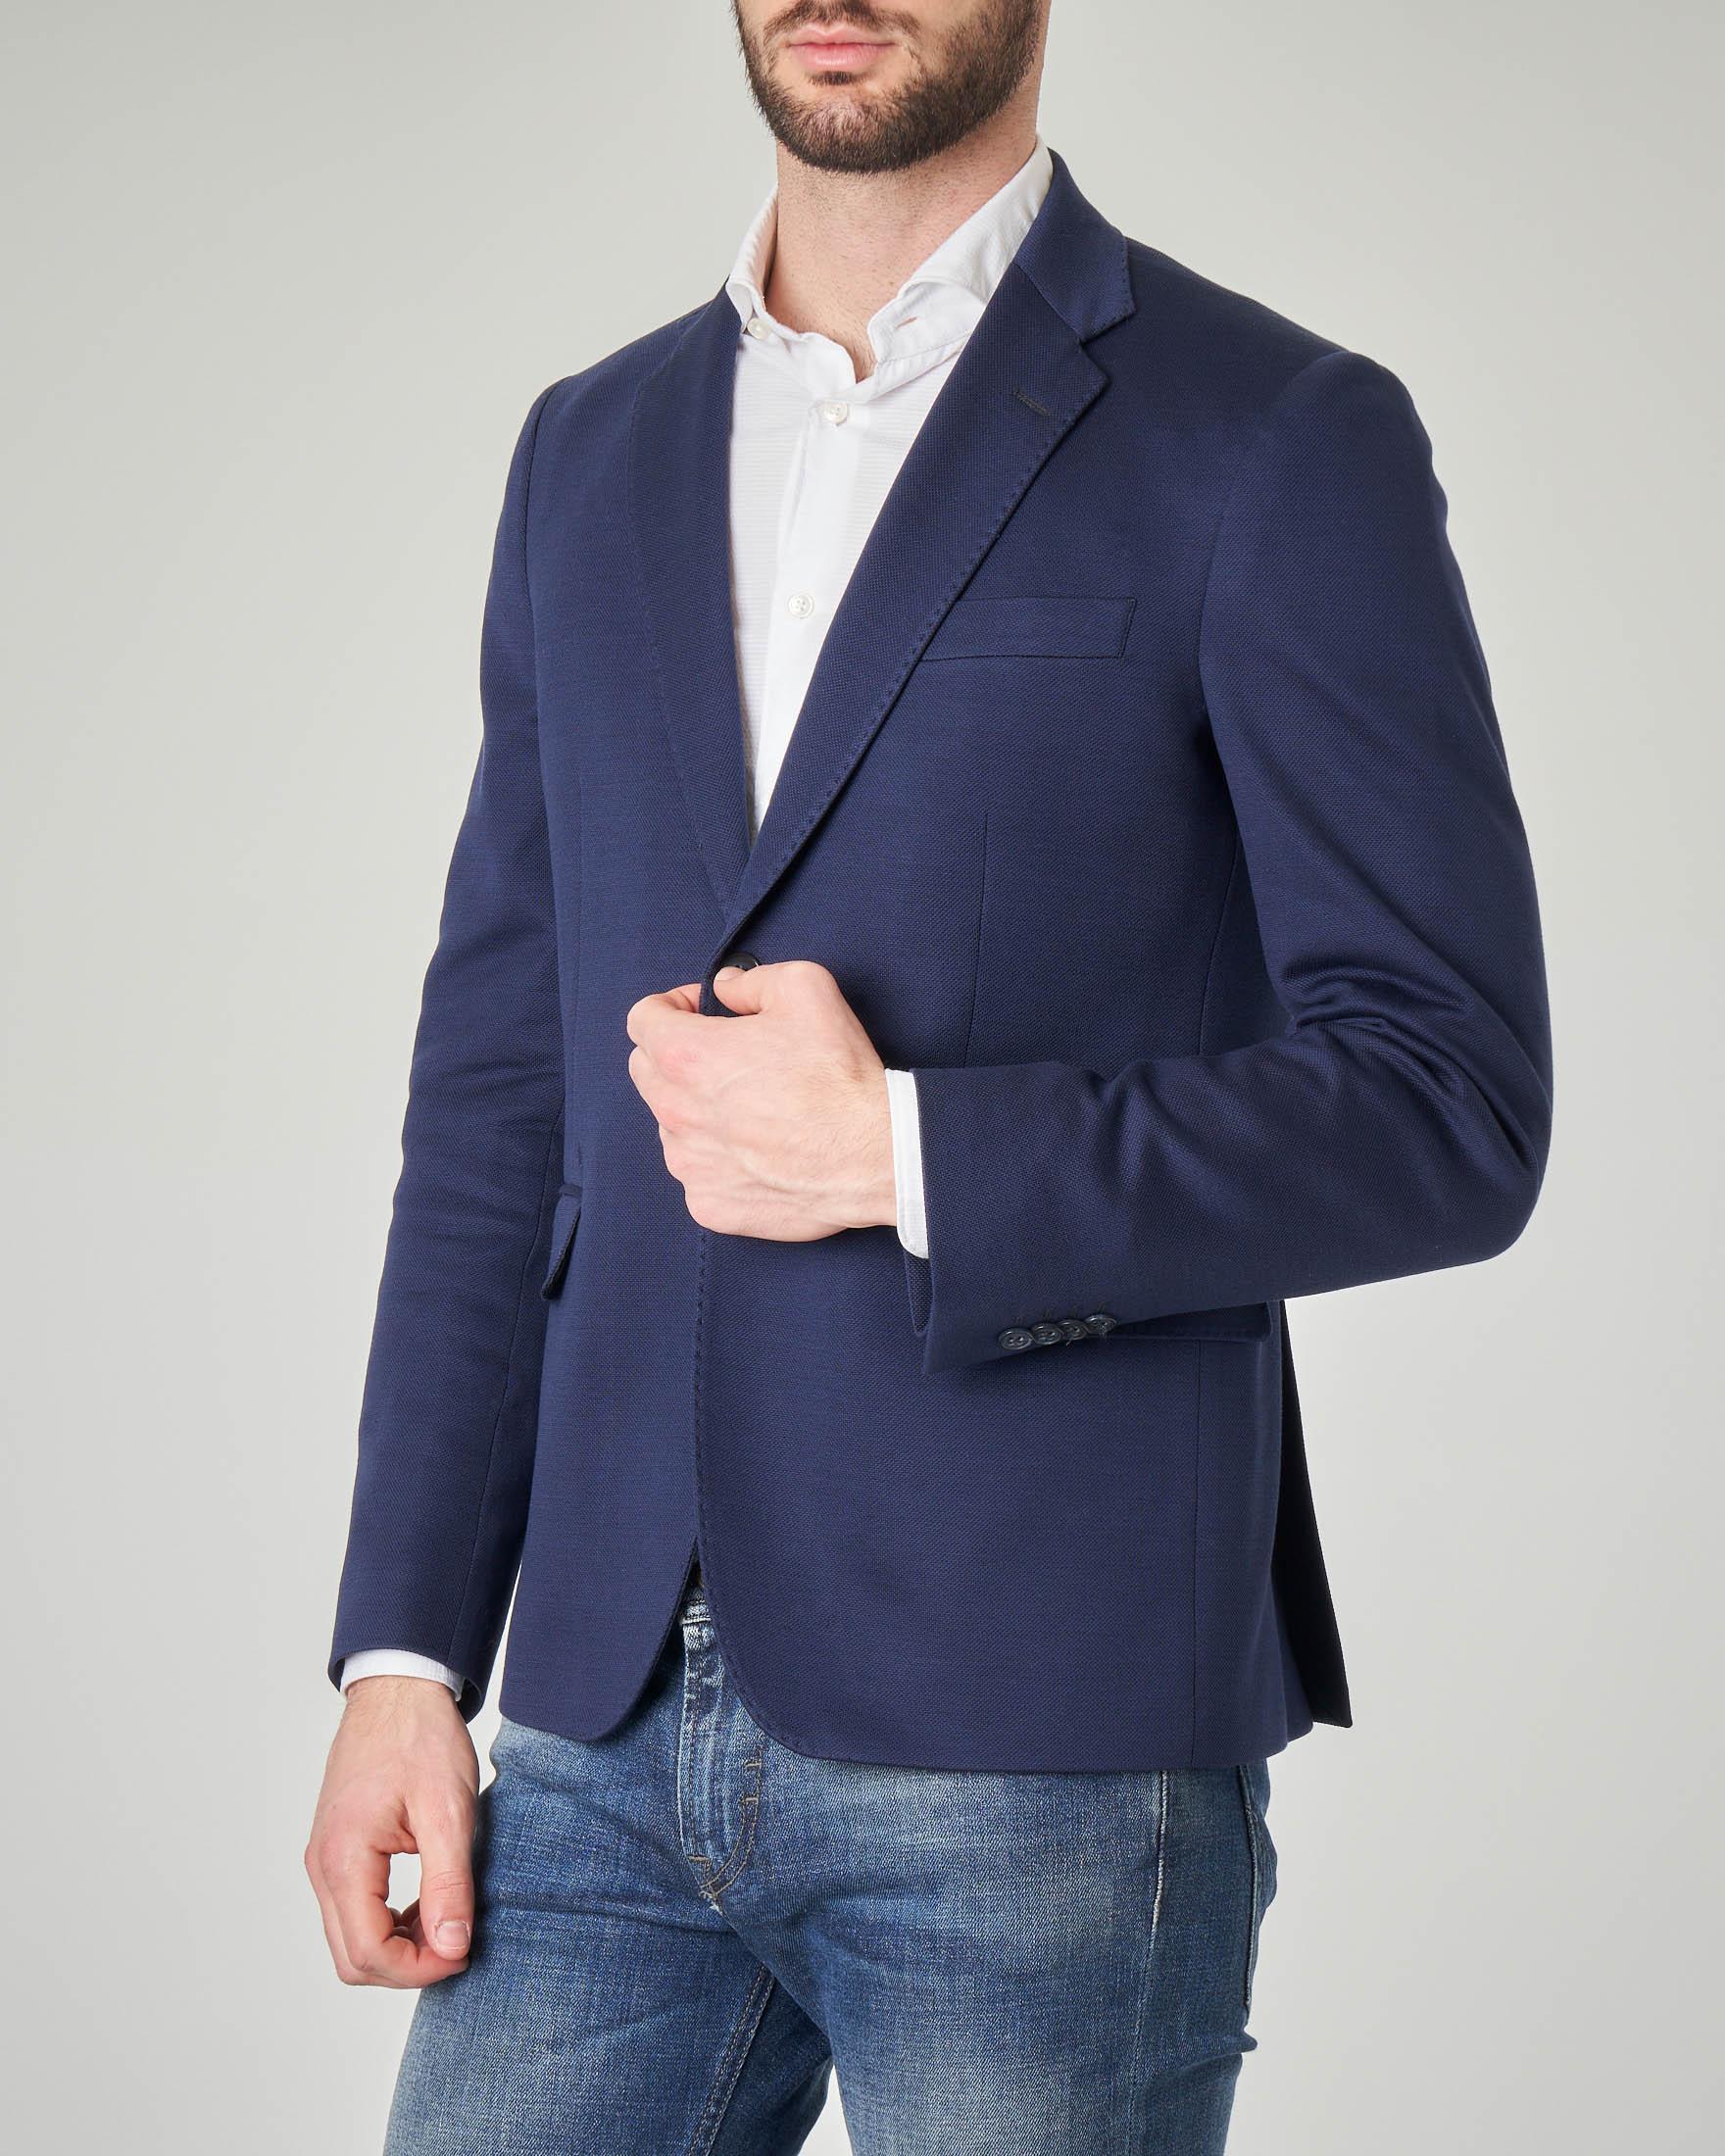 Giacca blu in piquè di cotone con impunture a vista